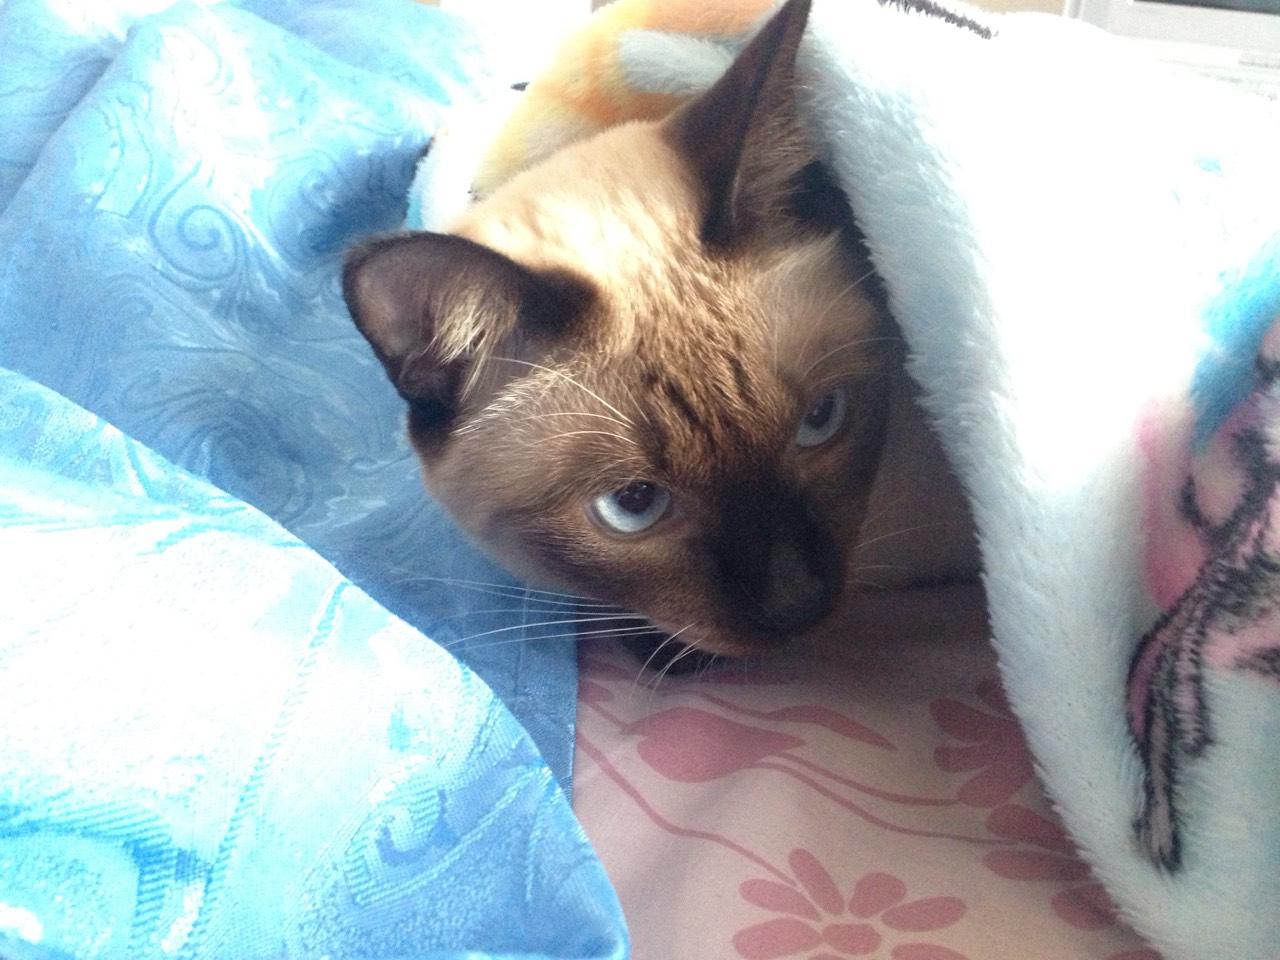 ซื้อขายแมววิเชียรมาศขาวมณีสีสวาดโคราชเปอร์เซียS__999438